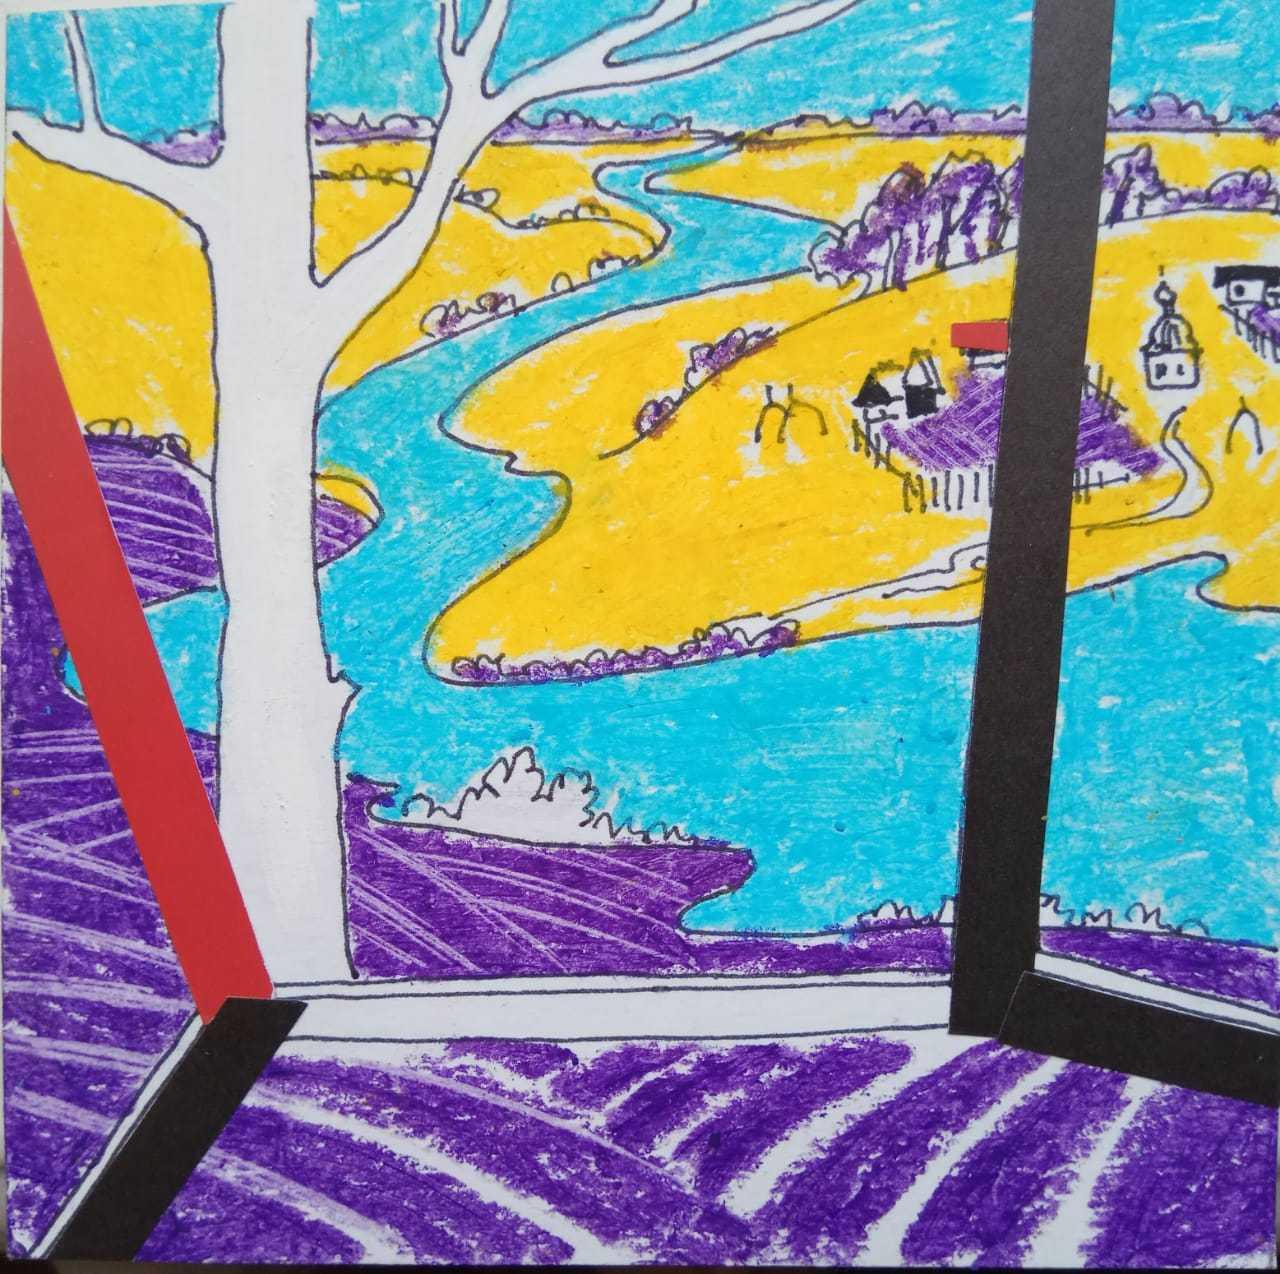 Дружкова Евгения / тема «Поэзия»: Осенняя пора очей очарованье…»  А. С. Пушкин /смешанная техника